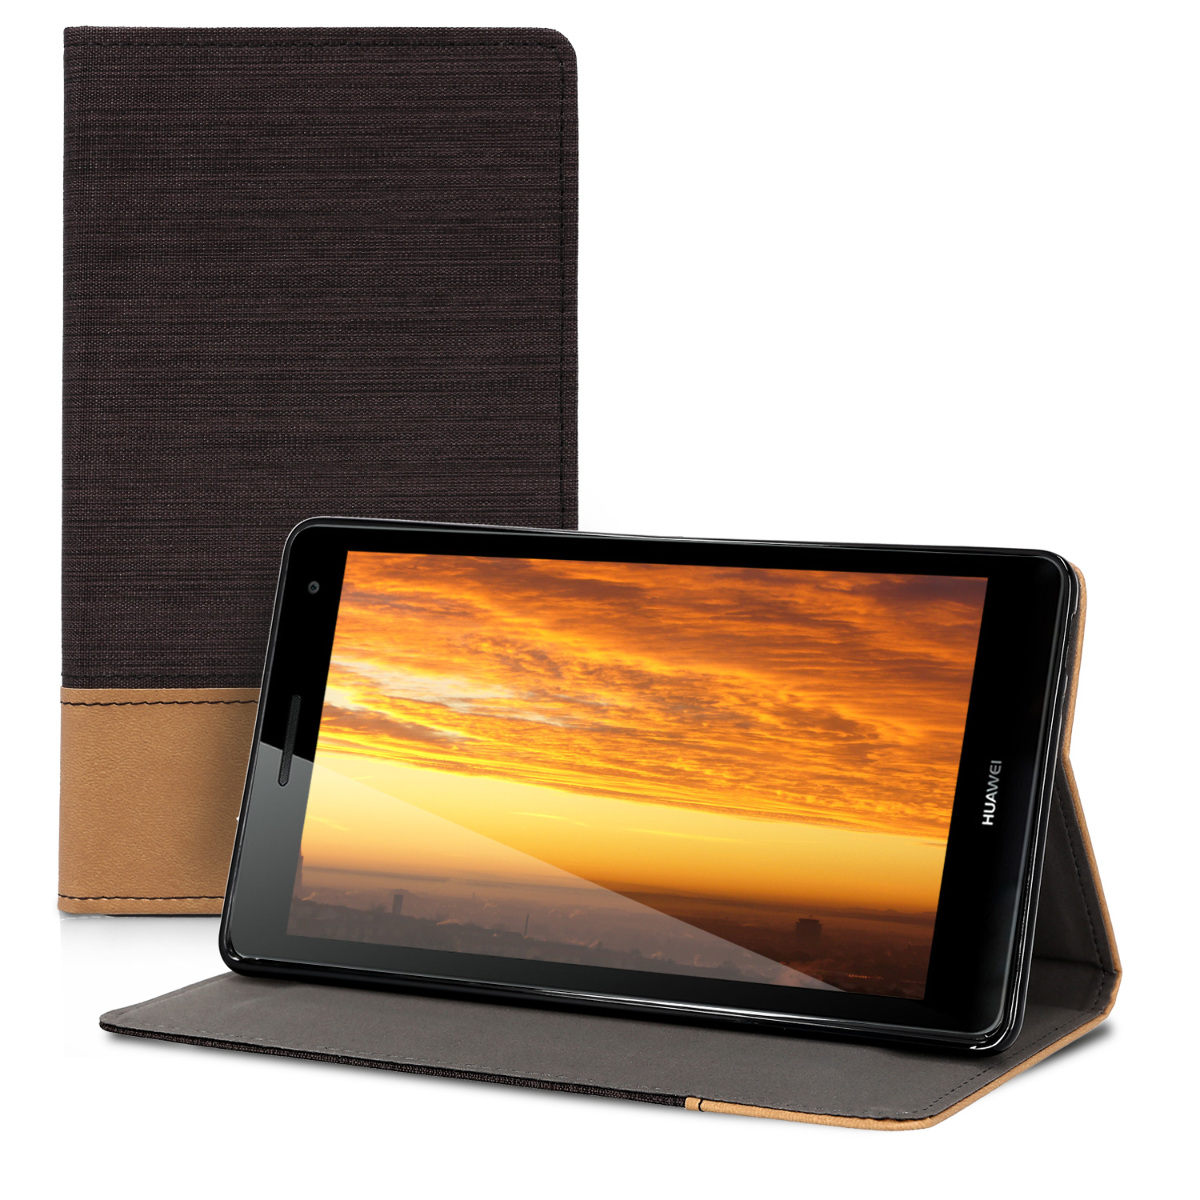 KW Θήκη Πορτοφόλι Huawei MediaPad T3 7.0 3G - Συνθετικό Δέρμα - Black / Brown (43884.01)